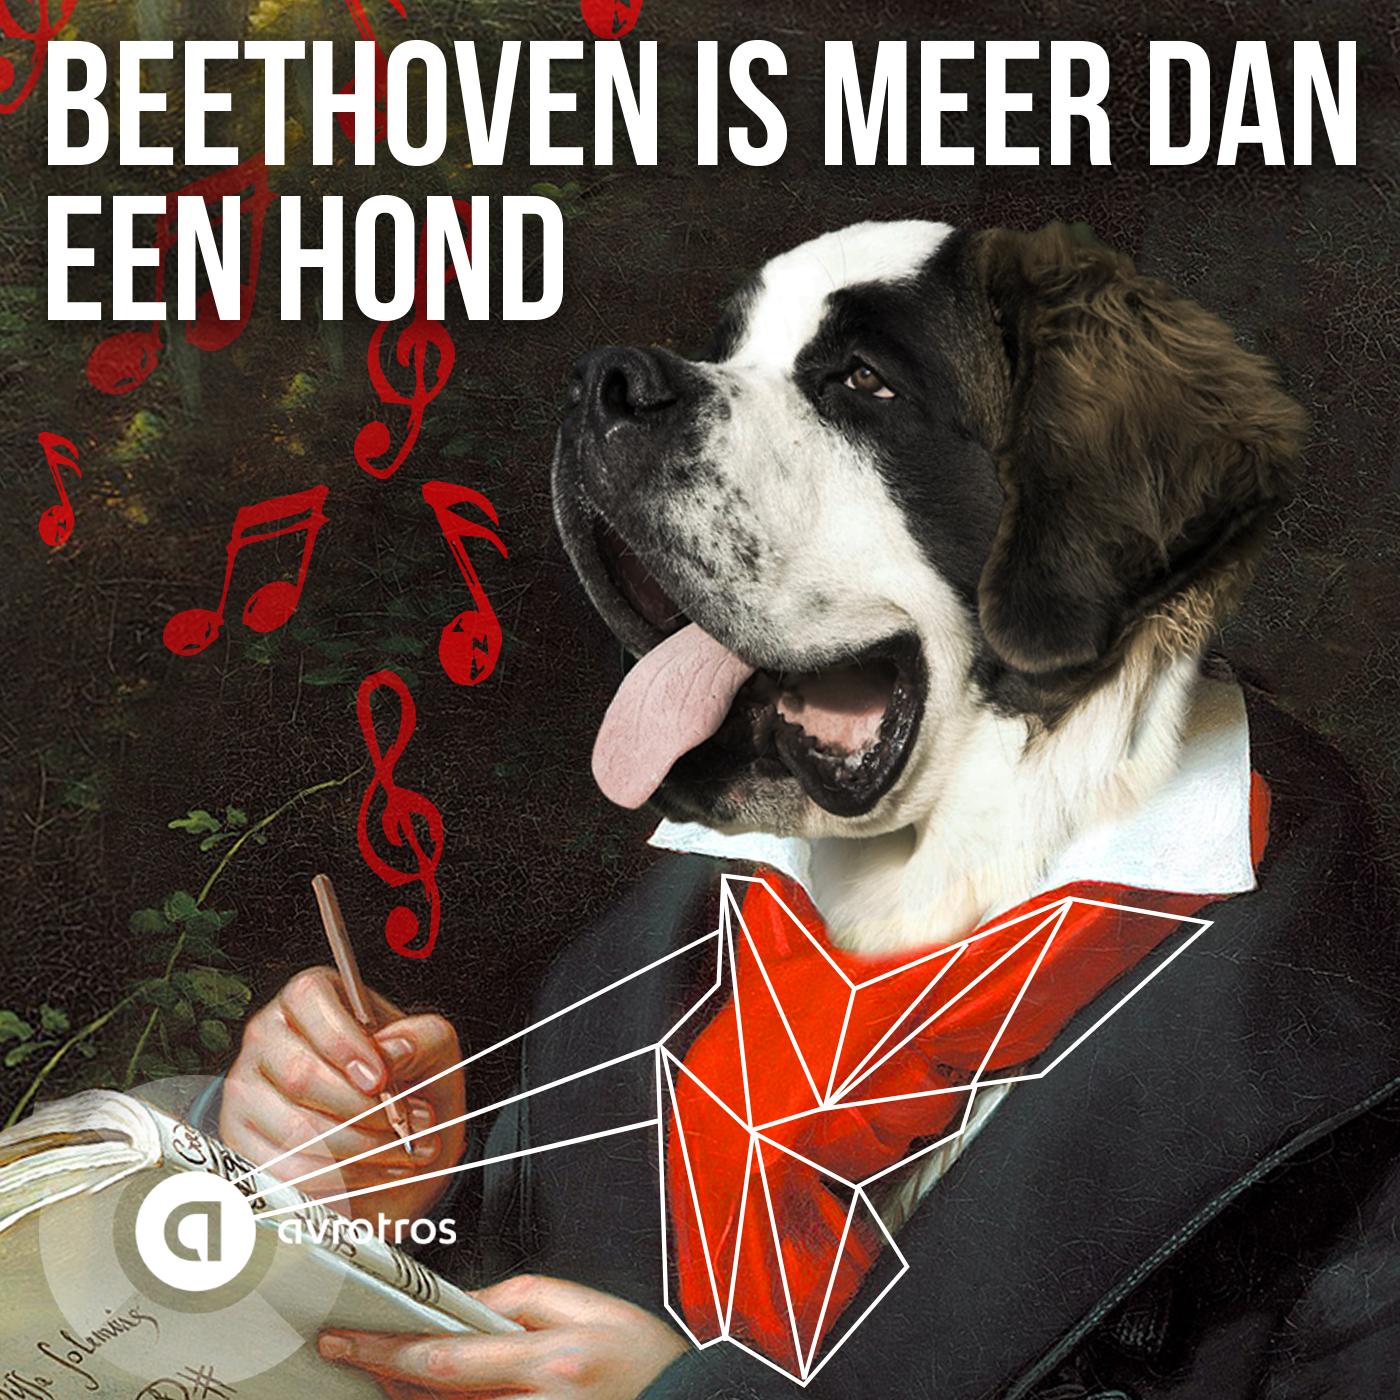 13. Beethoven Is Meer Dan Een Hond - AVROTROS